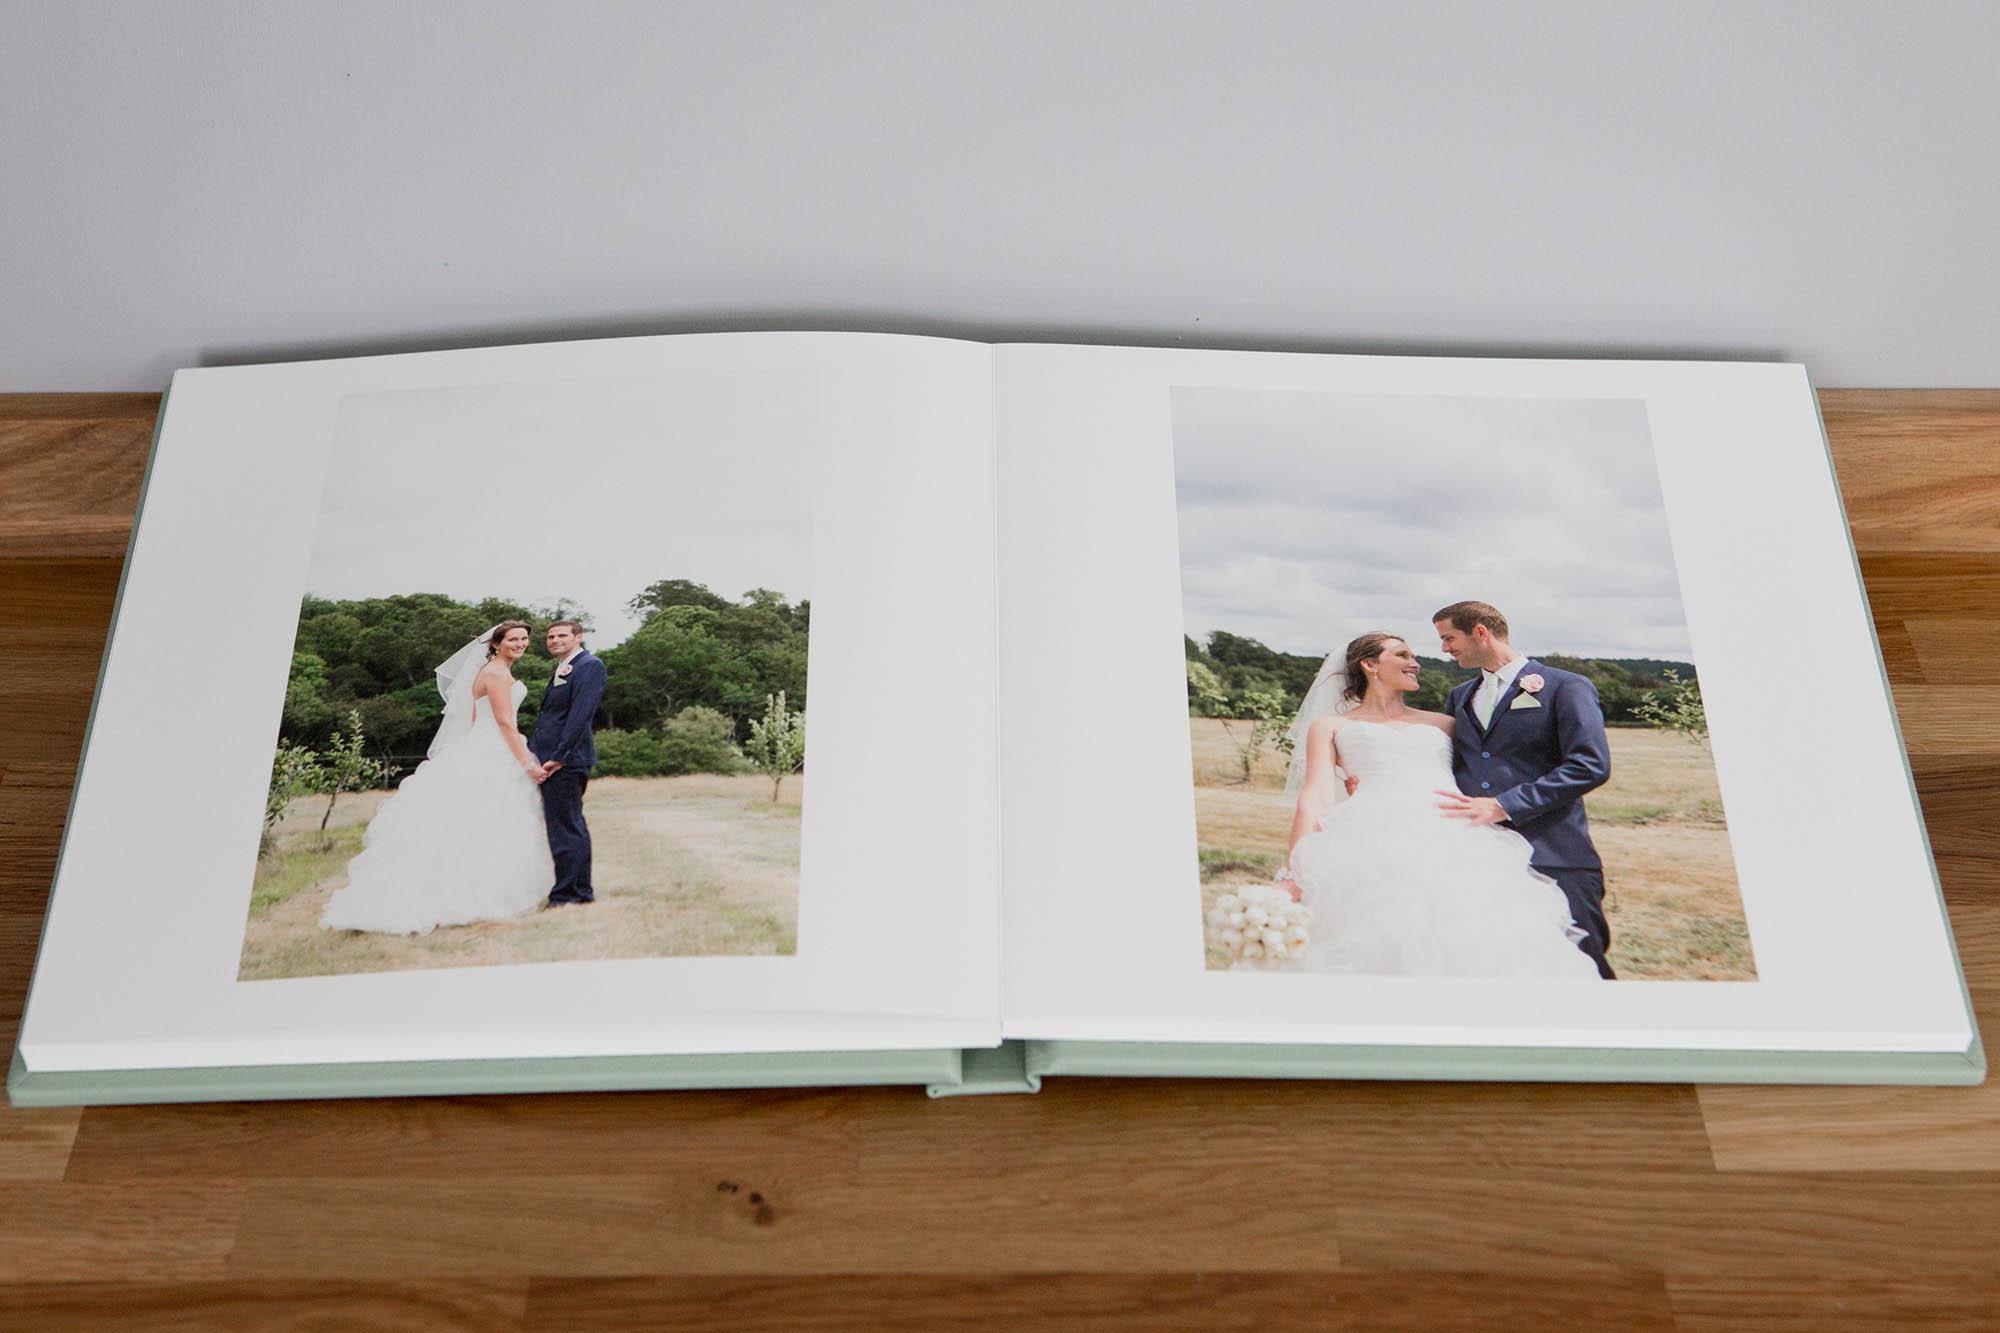 Julia_toms_wedding_album_folio_leather_046.jpg